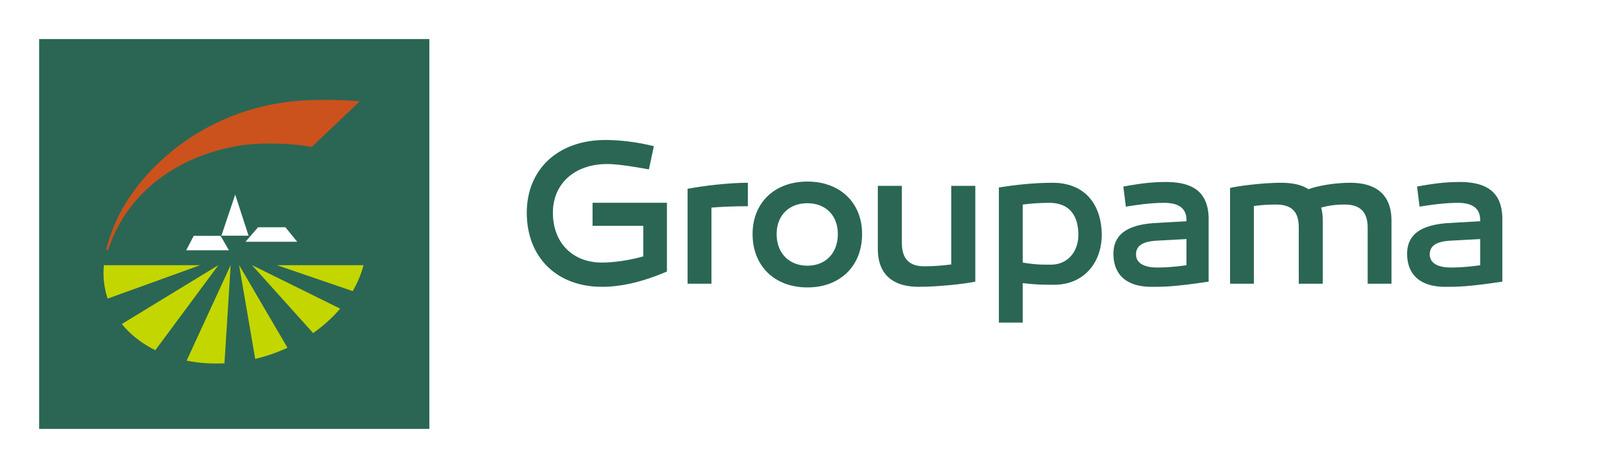 Assurances Groupama